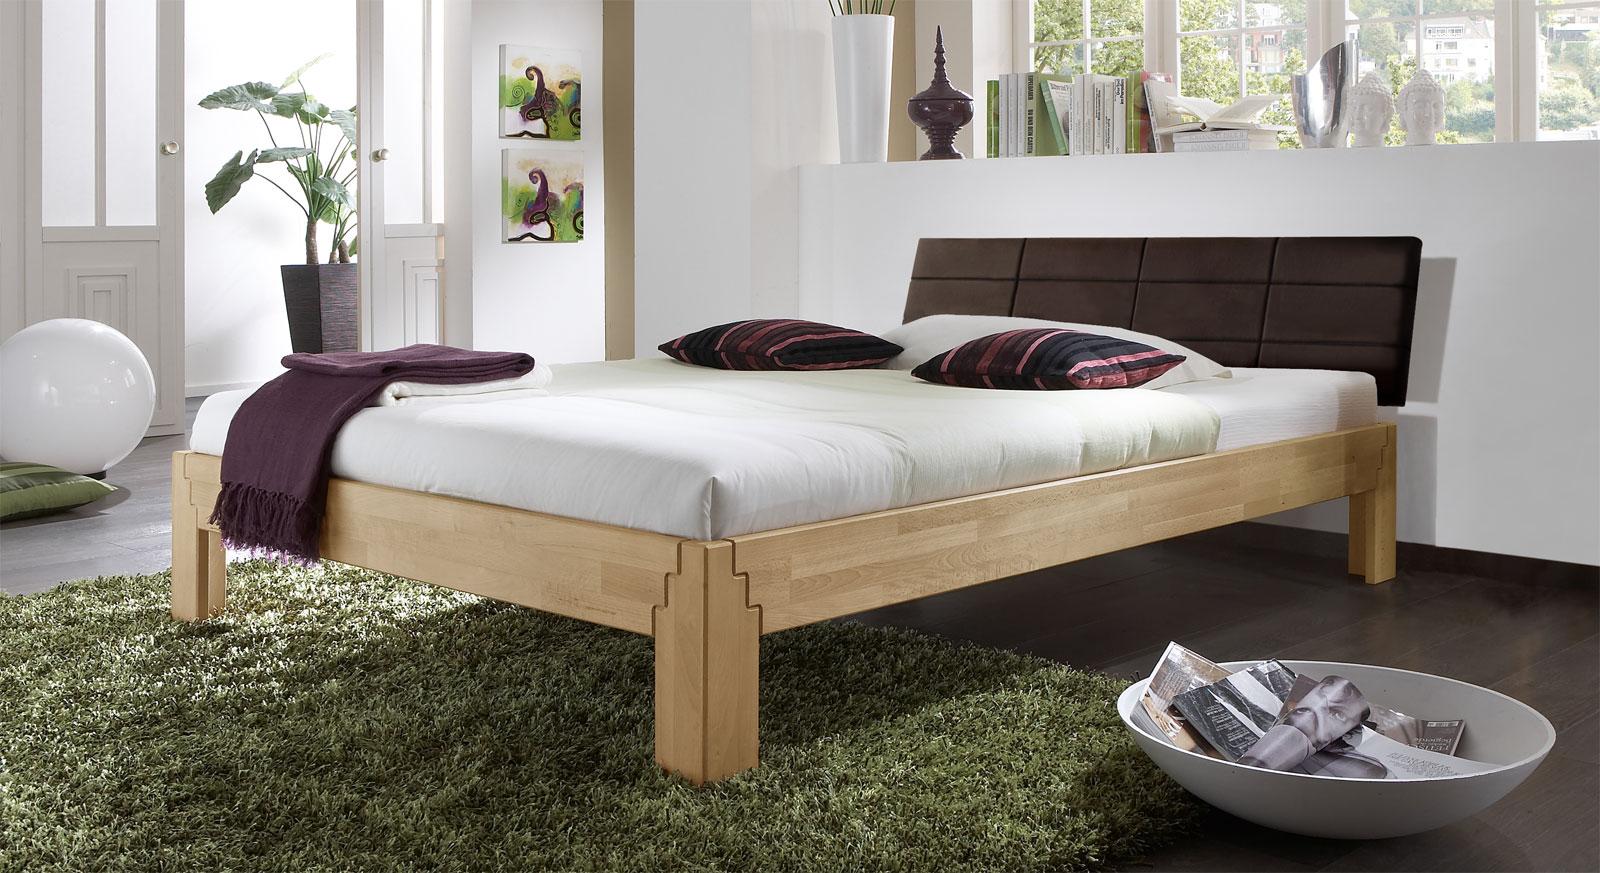 Kopfteile Bett Modell : Bettgestell aus buche z b mit kopfteil rafina